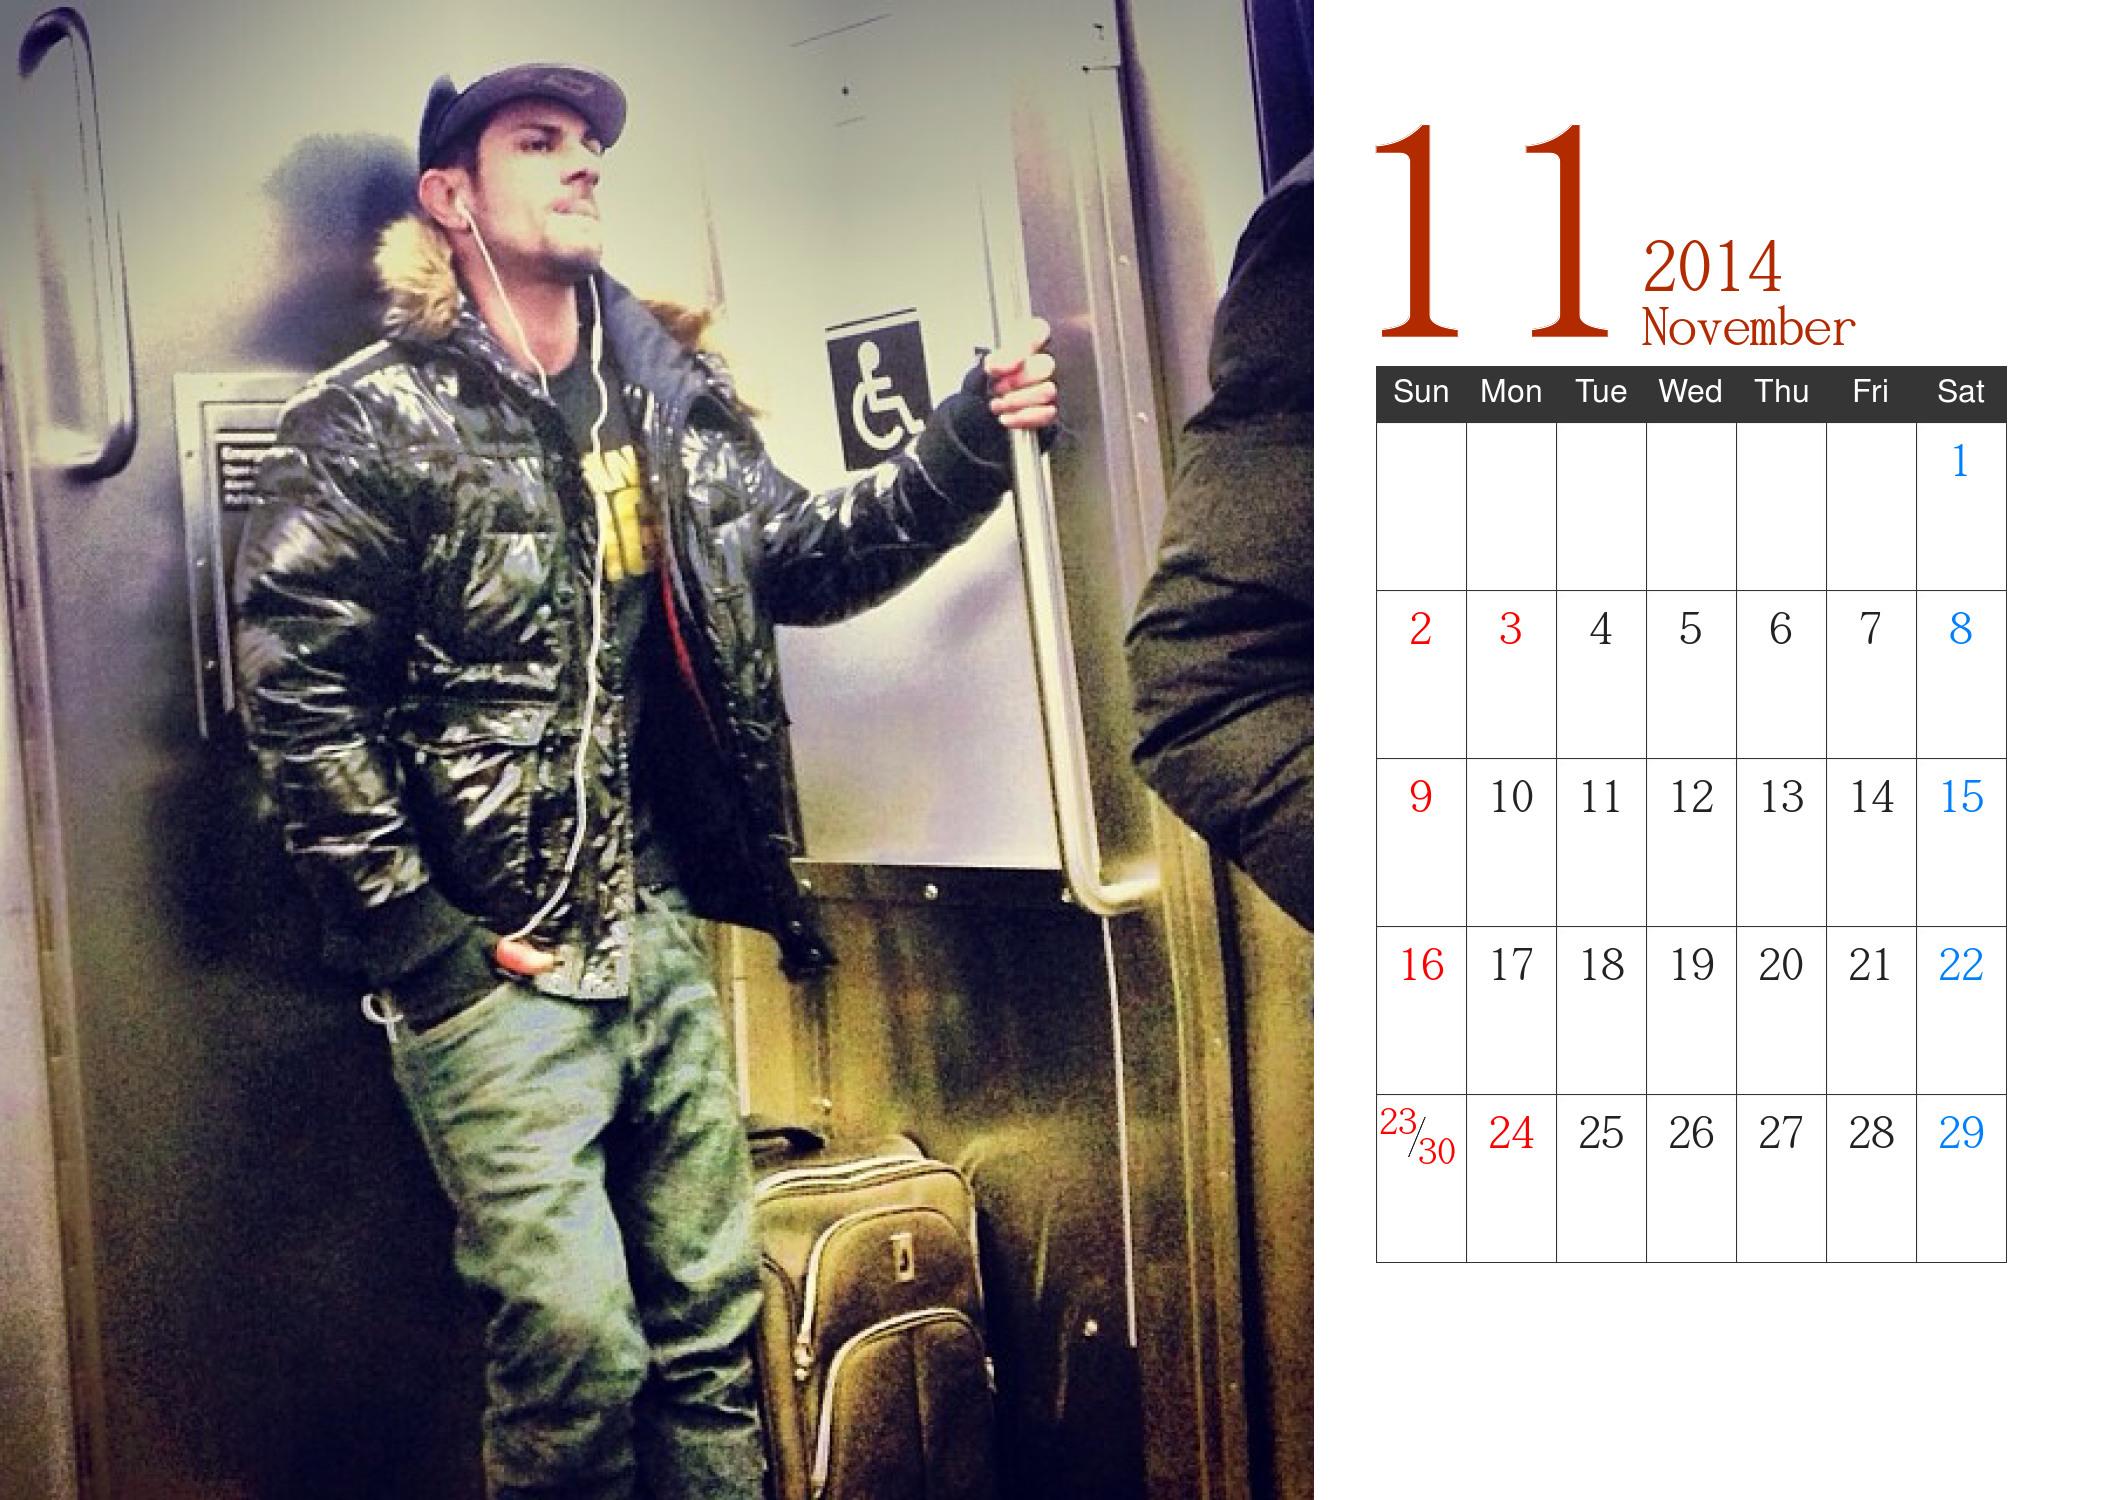 calendar_2014-11.jpg